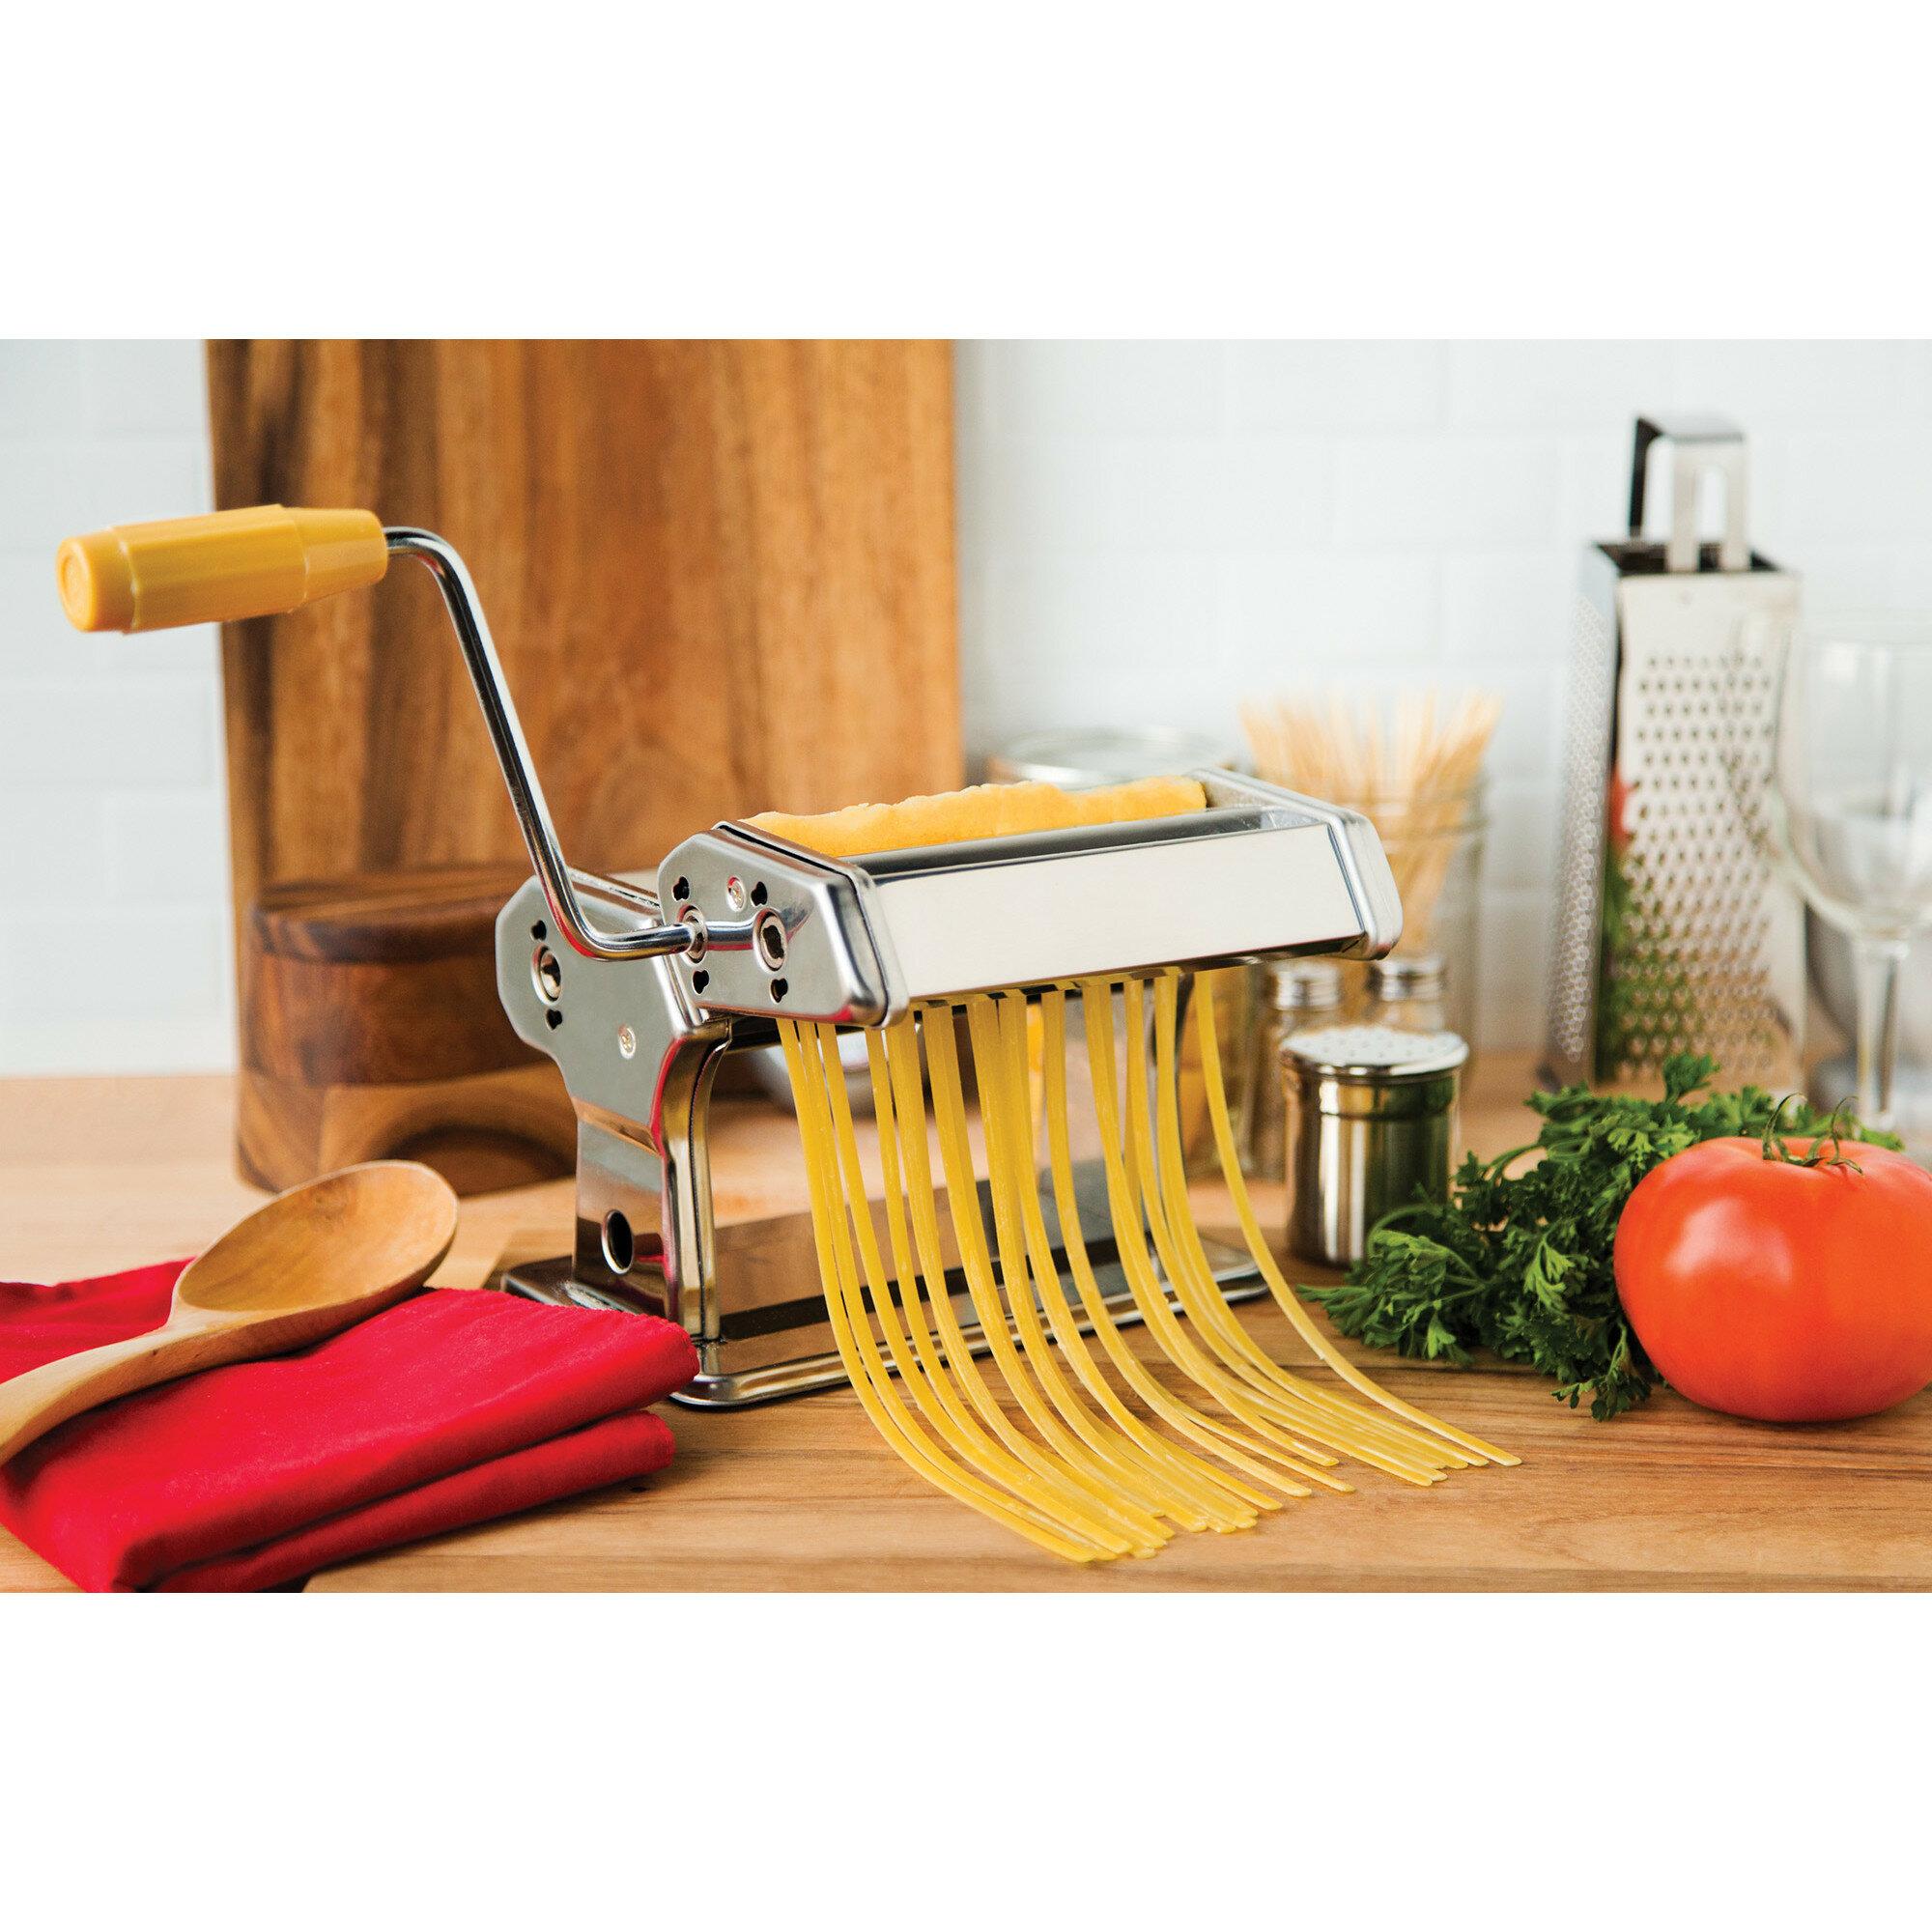 Fox Run Brands Manual Pasta Maker With 1 Attachment Reviews Wayfair